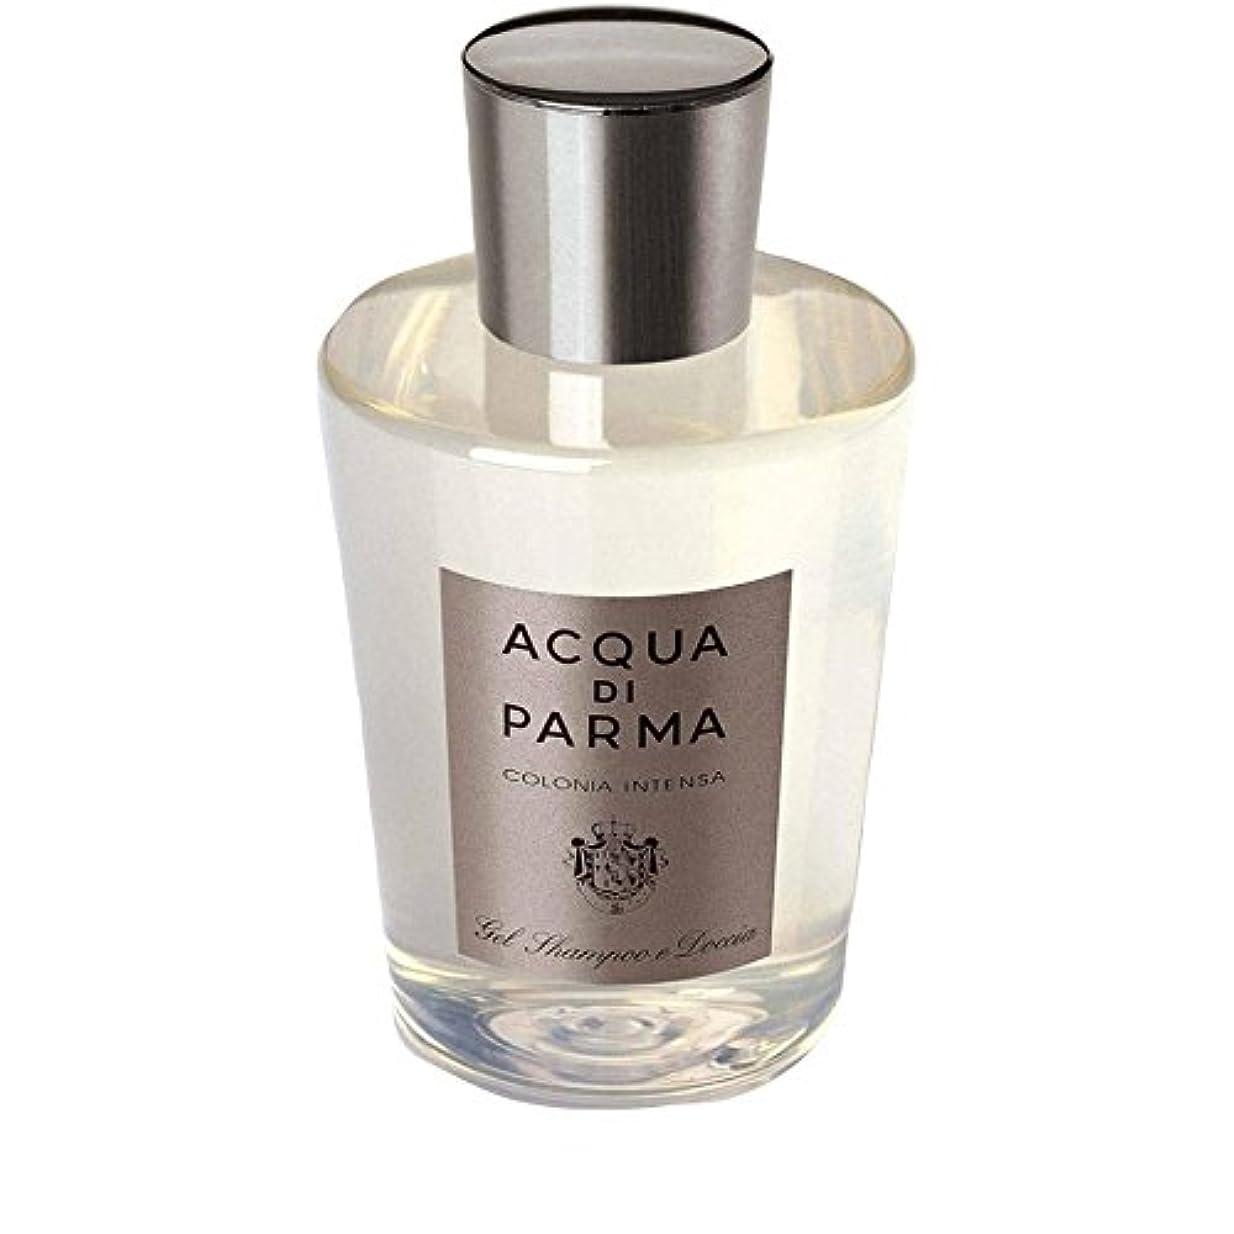 タバコ成分対処Acqua Di Parma Colonia Intensa Hair And Shower Gel 200ml - アクアディパルマコロニア髪とシャワージェル200 [並行輸入品]